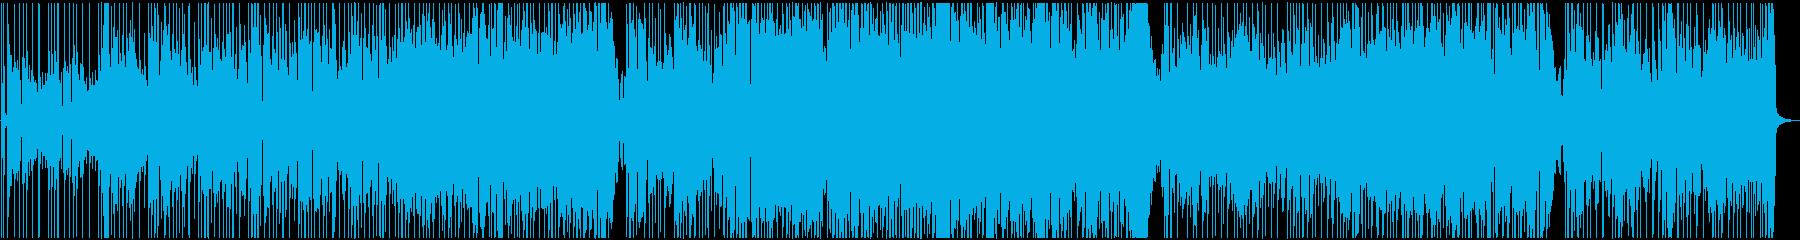 歩く速度のオルガン・ファンクの再生済みの波形